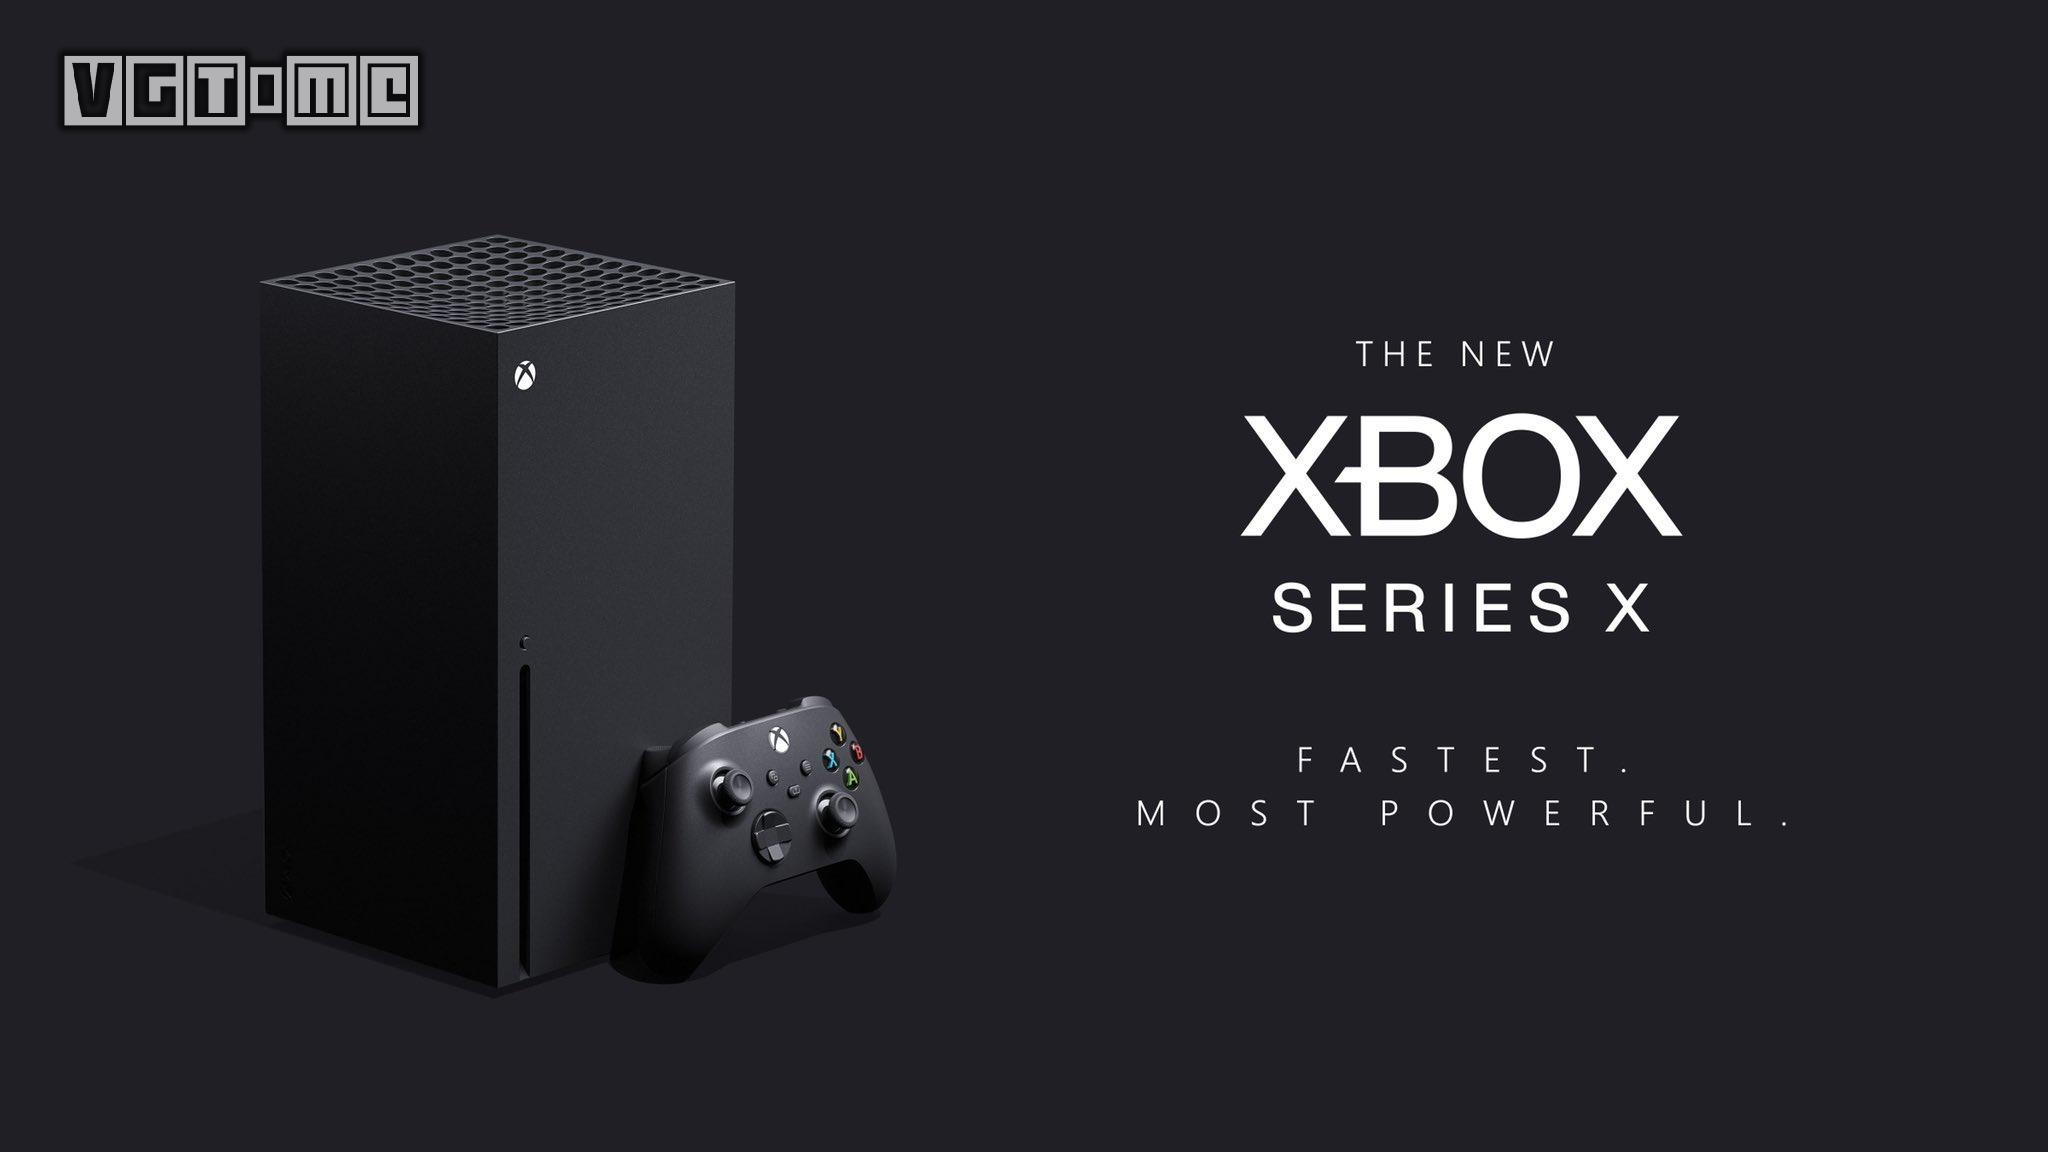 Xbox次世代主機與沙雕網友的腦洞